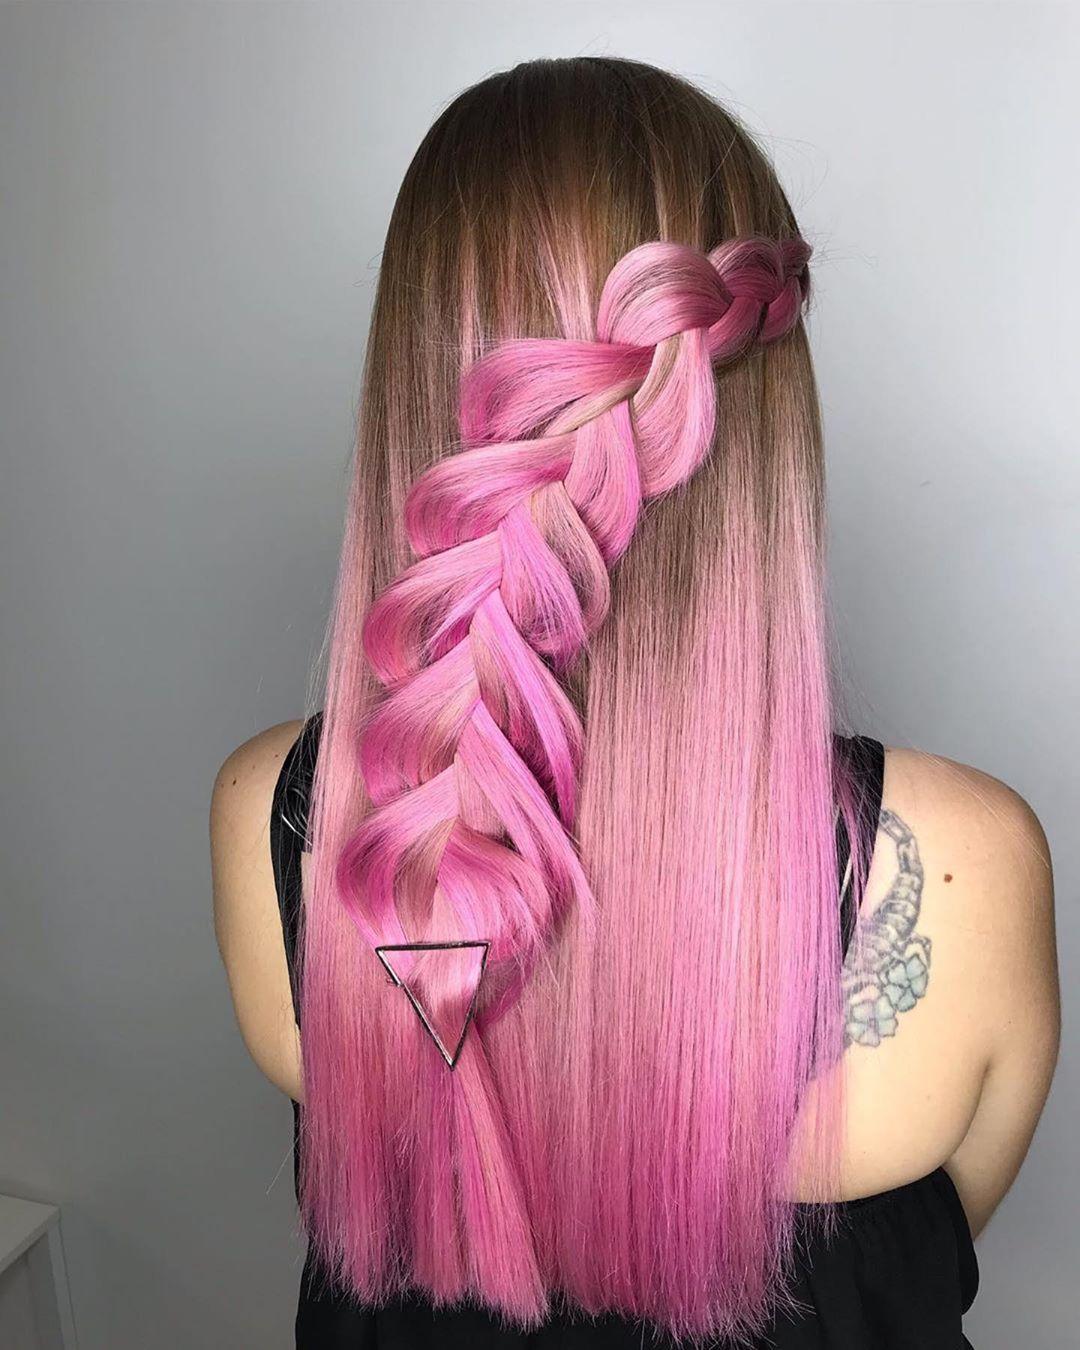 Растяжка цвета на волосах фото 16